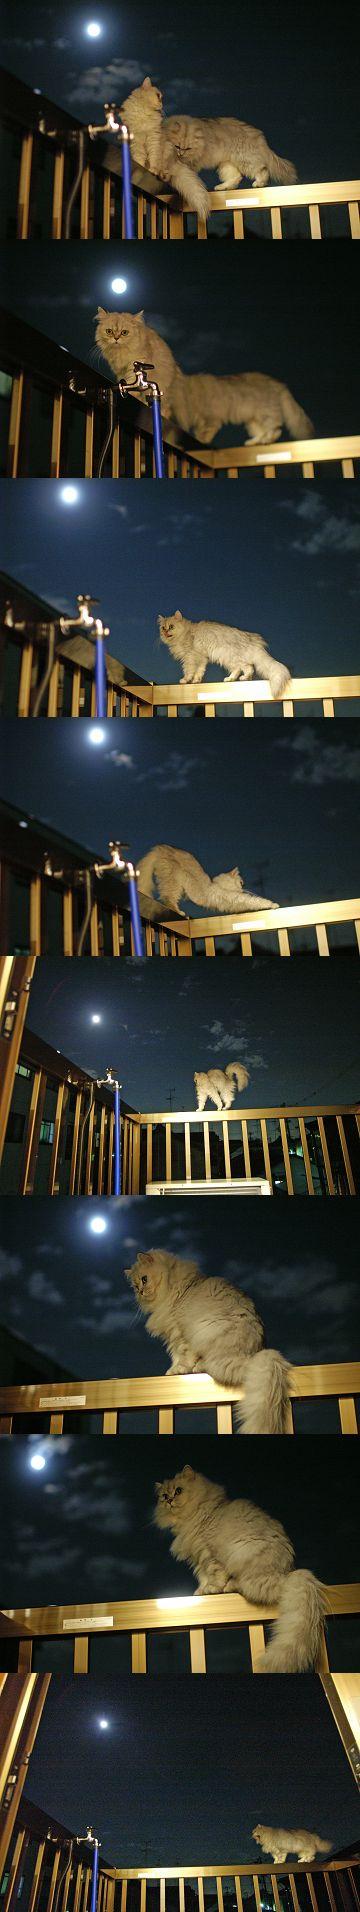 月夜の散歩(08/11/13)